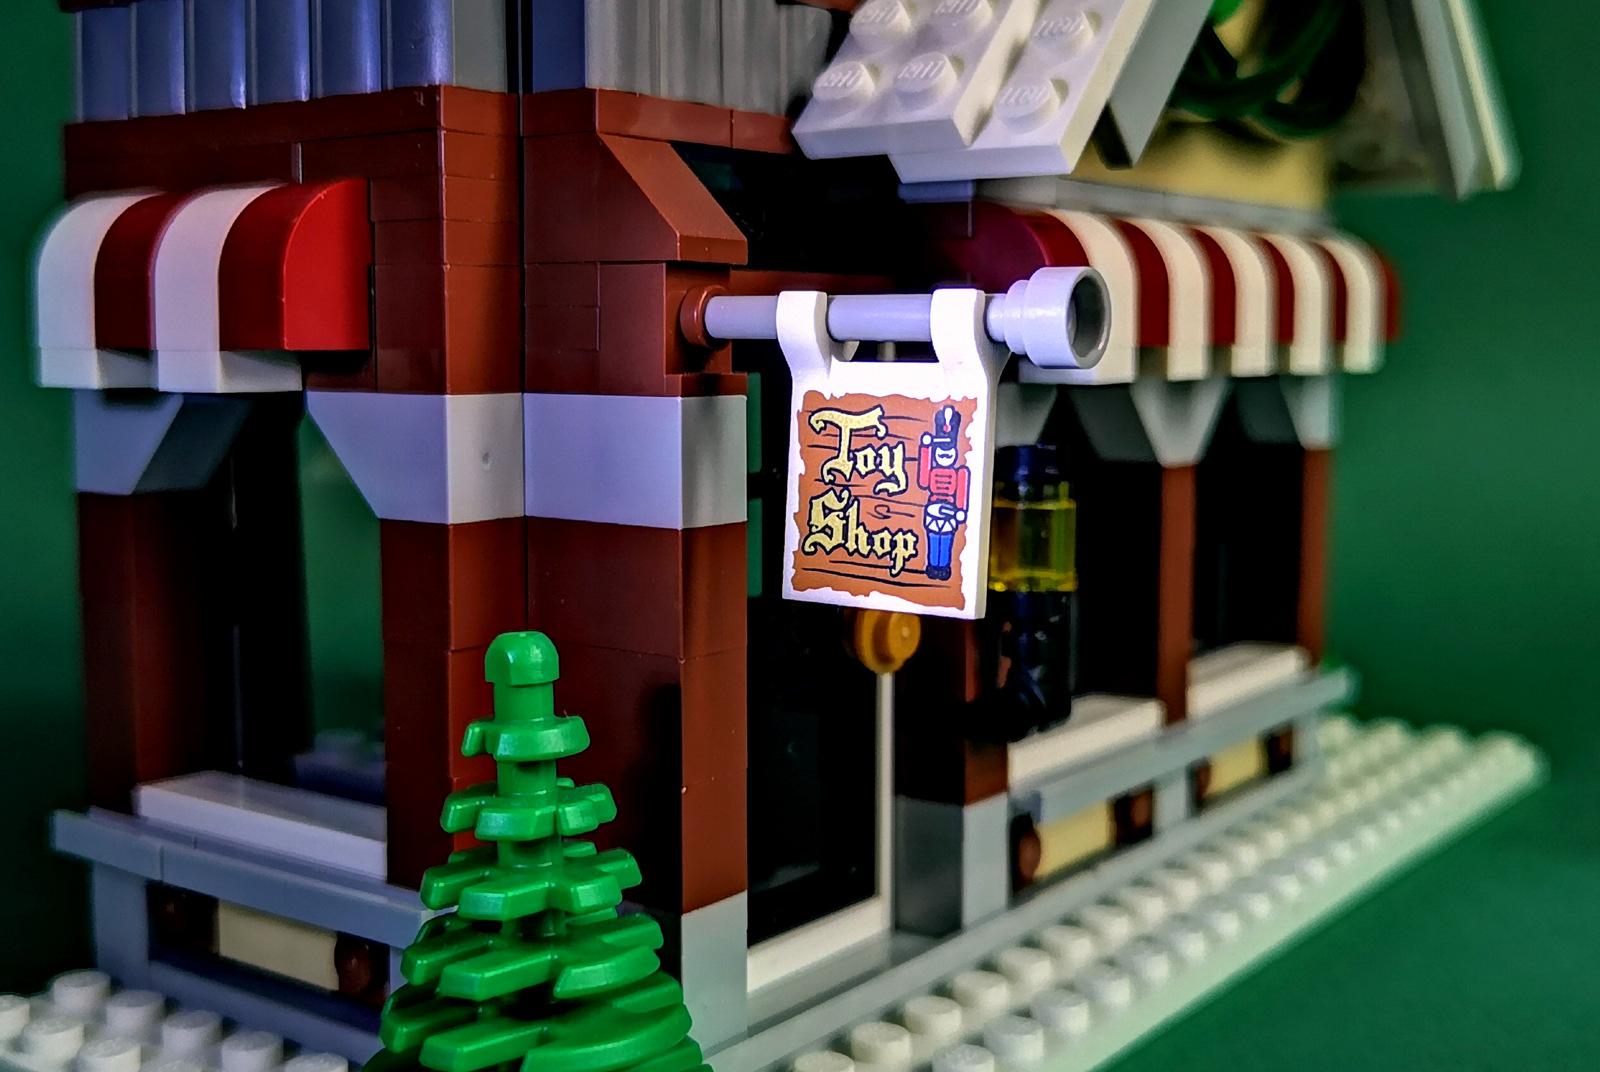 10249 LEGO Laden Weihnachte